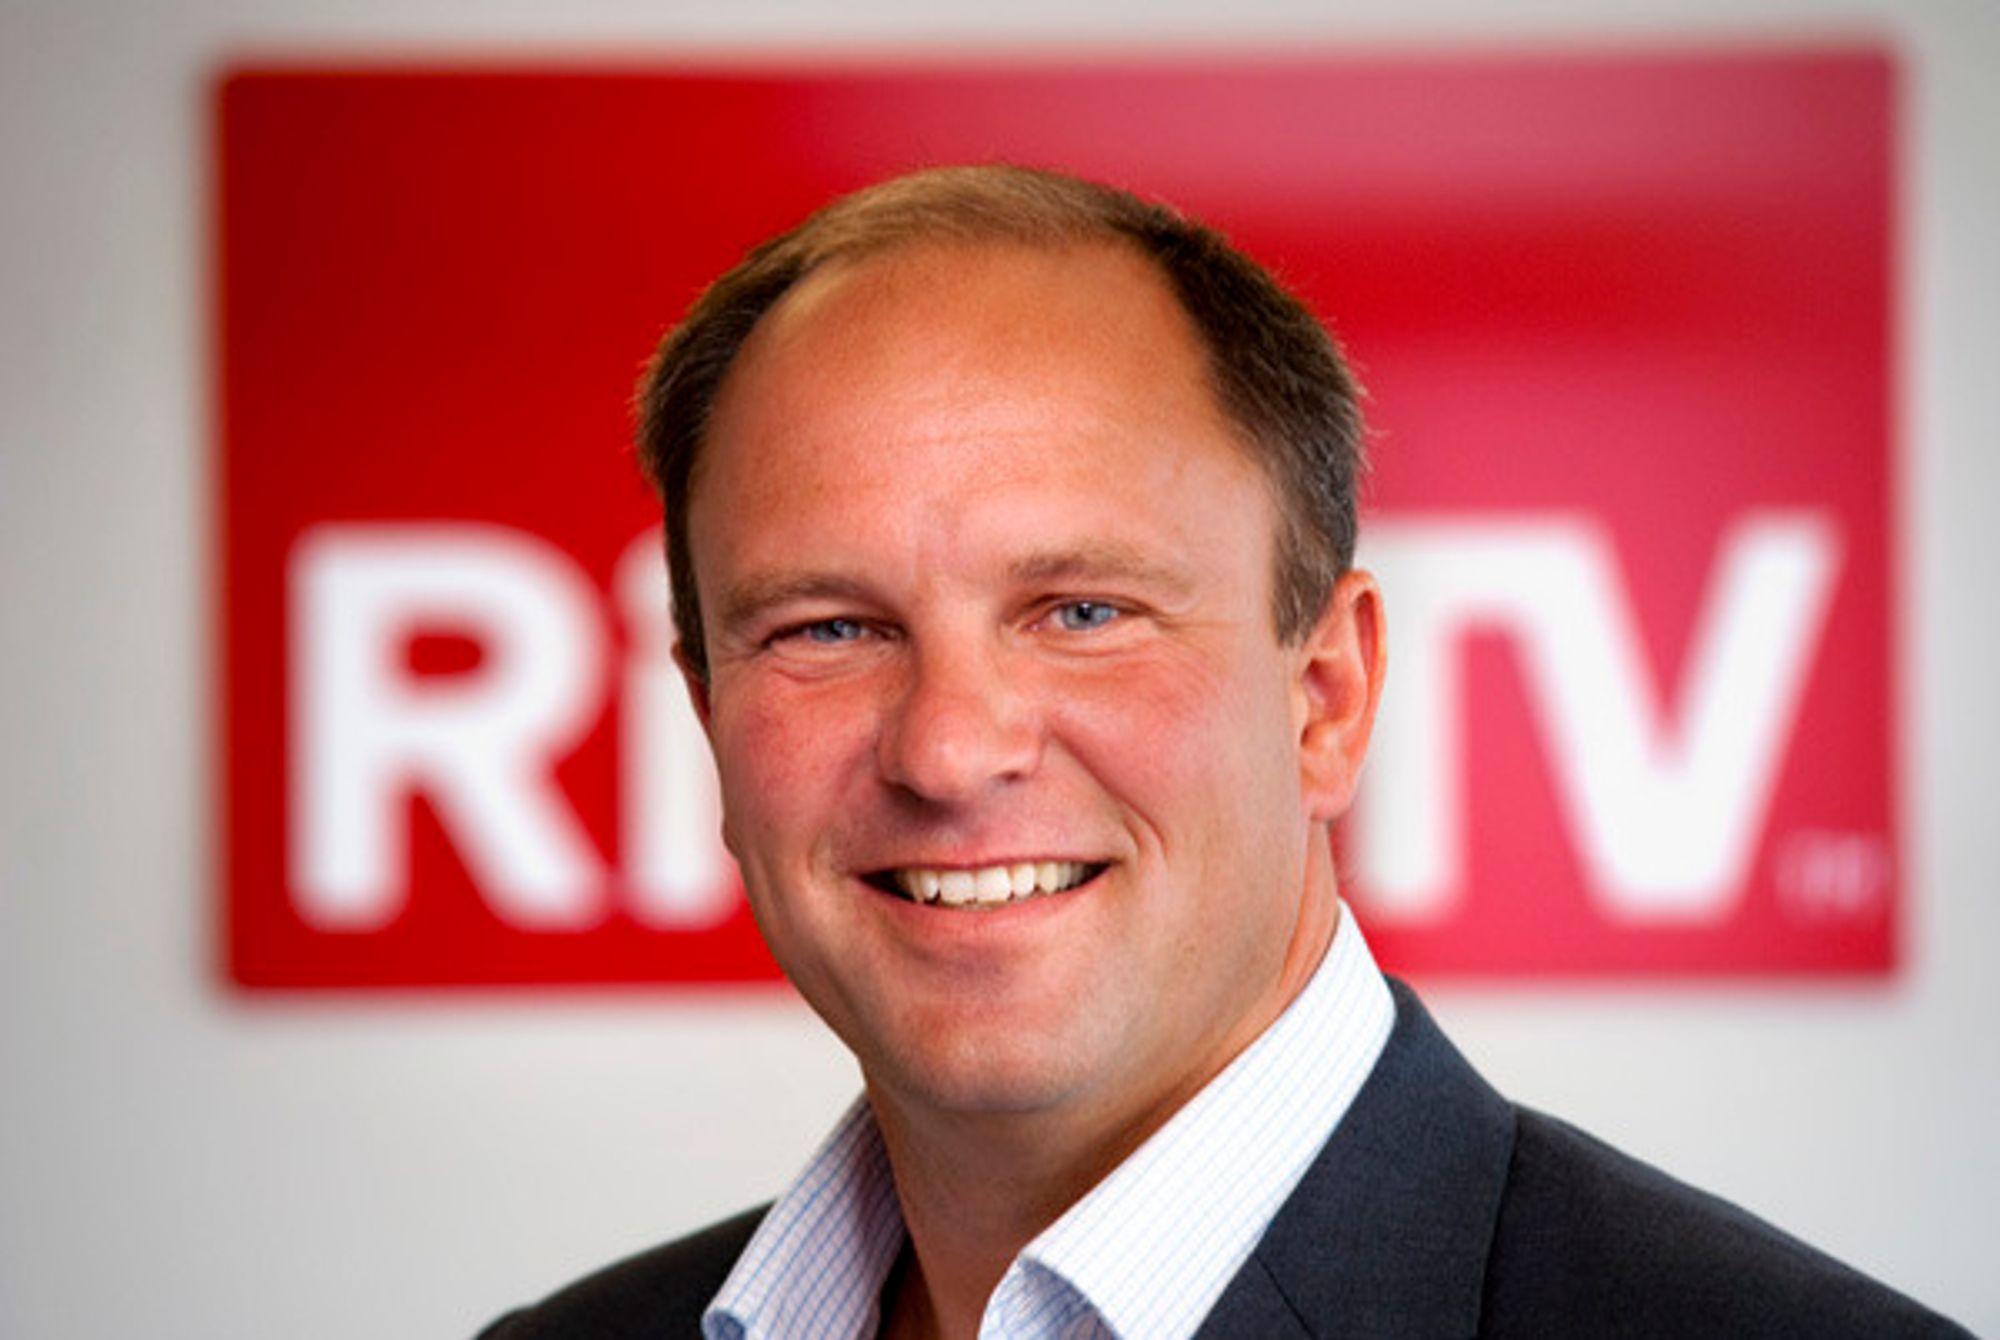 FORNØYD: Espen Thorsby, administrerende direktør i RiksTV.